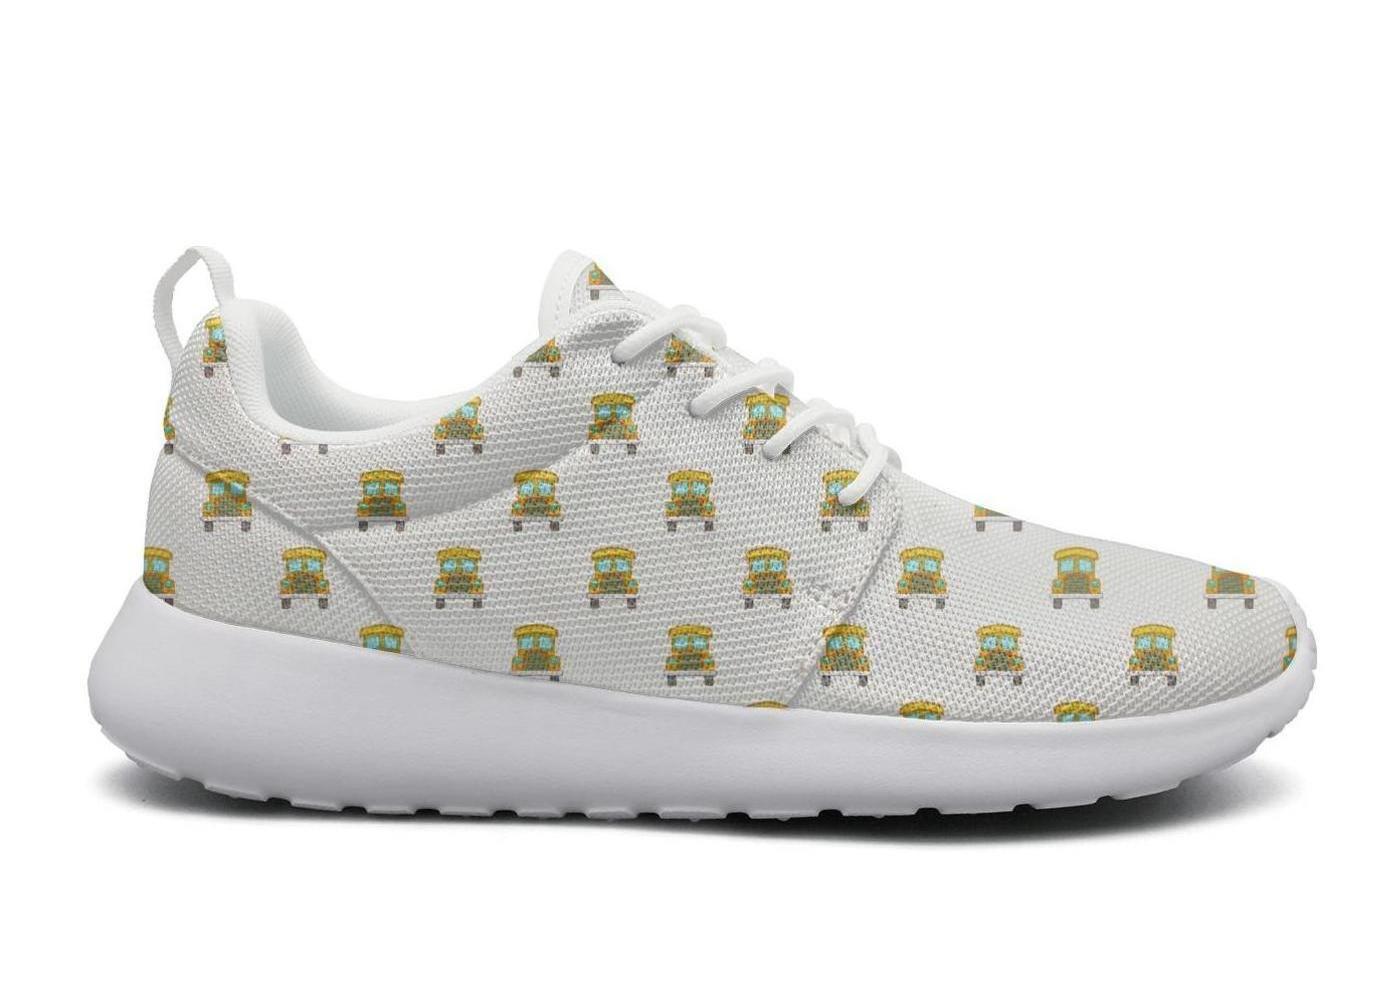 AKDJDS School bus pattern cartoon style white Running Shoe Fashion Sneaker Womens Shoes